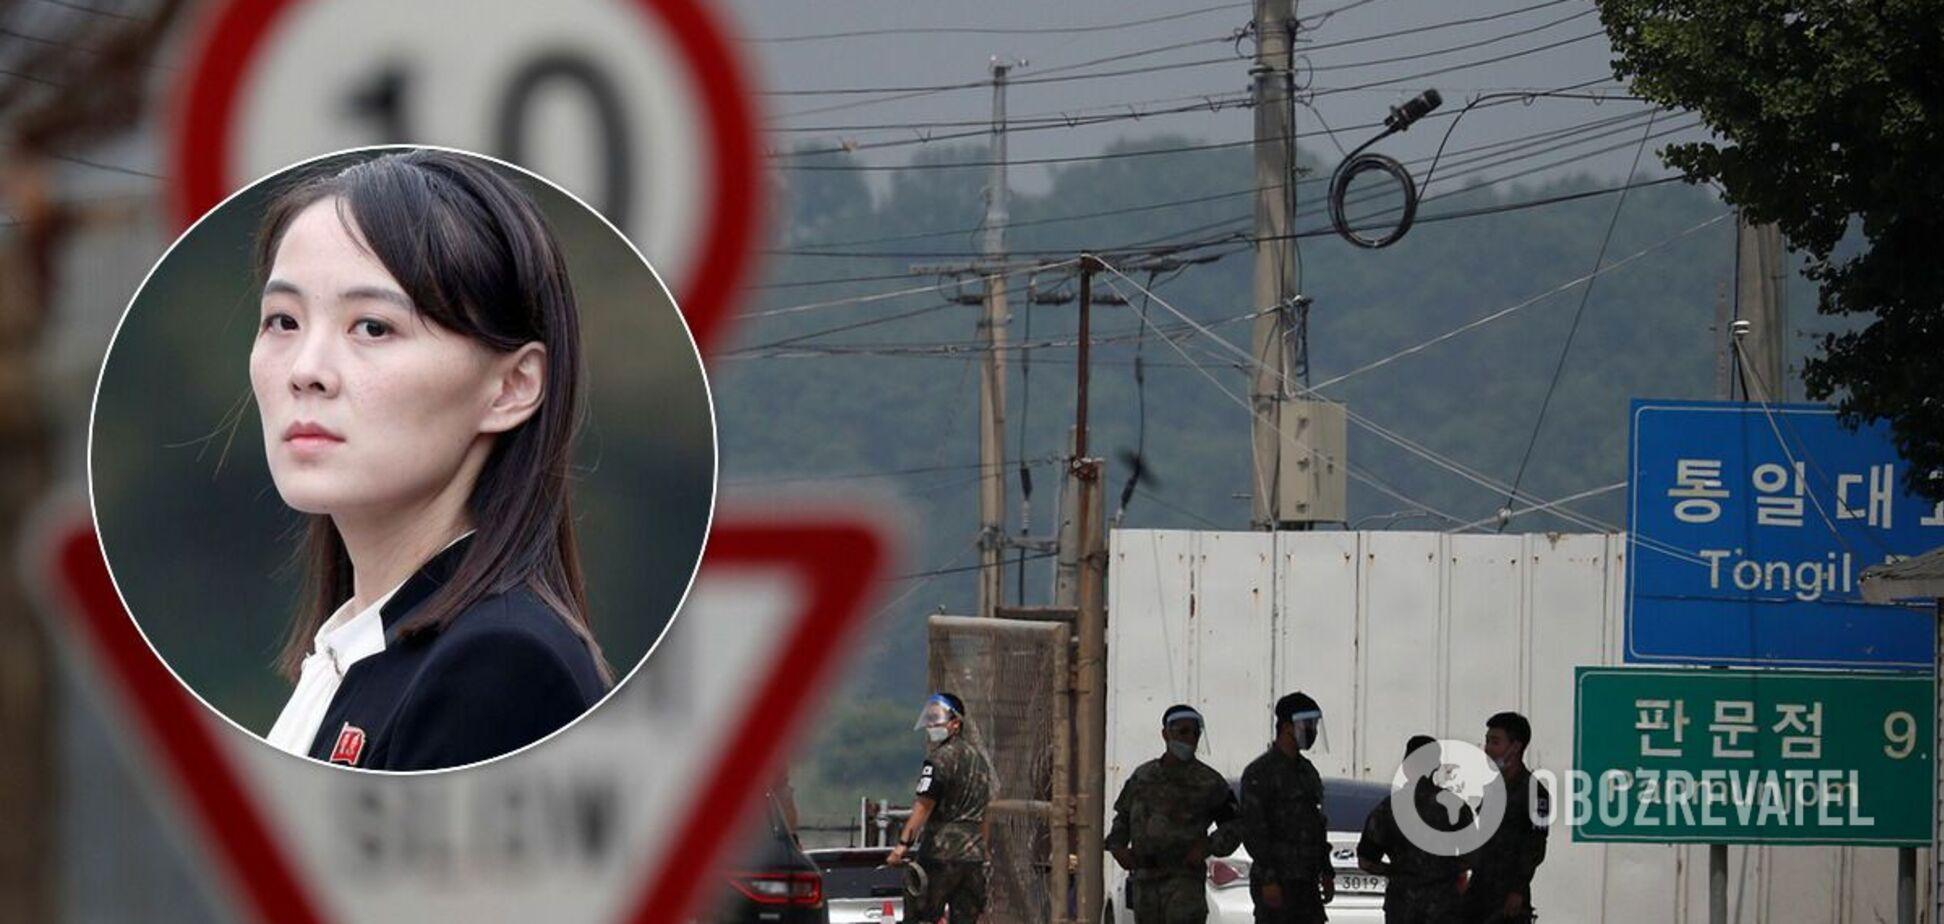 Сестра Кім Чен Ина пригрозила Південній Кореї розплатою через COVID-19